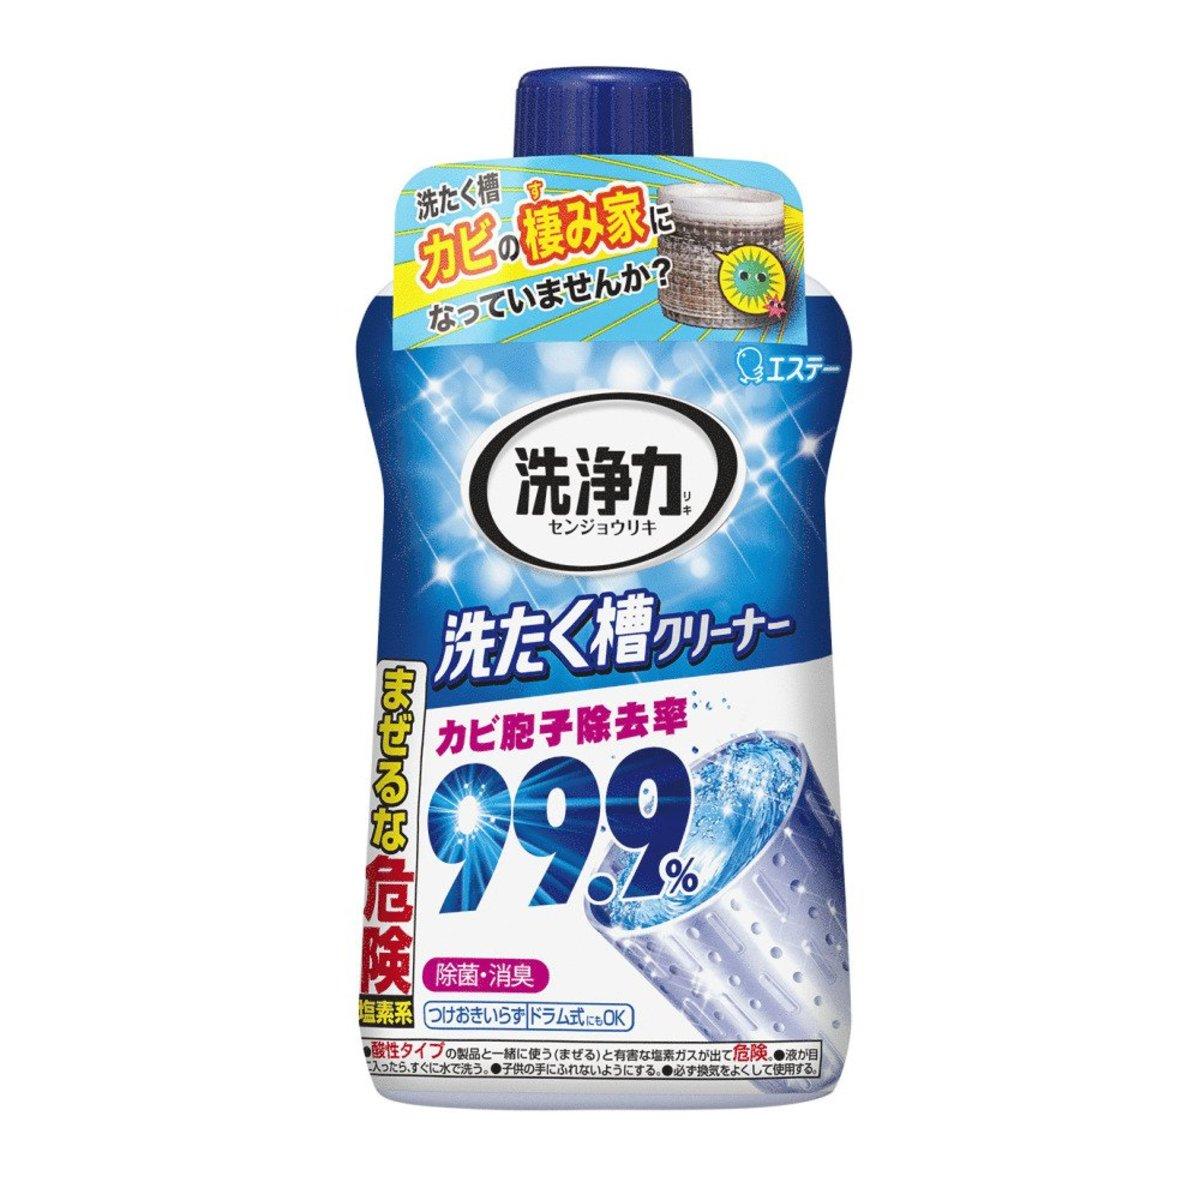 洗衣槽除菌洗滌劑 550g